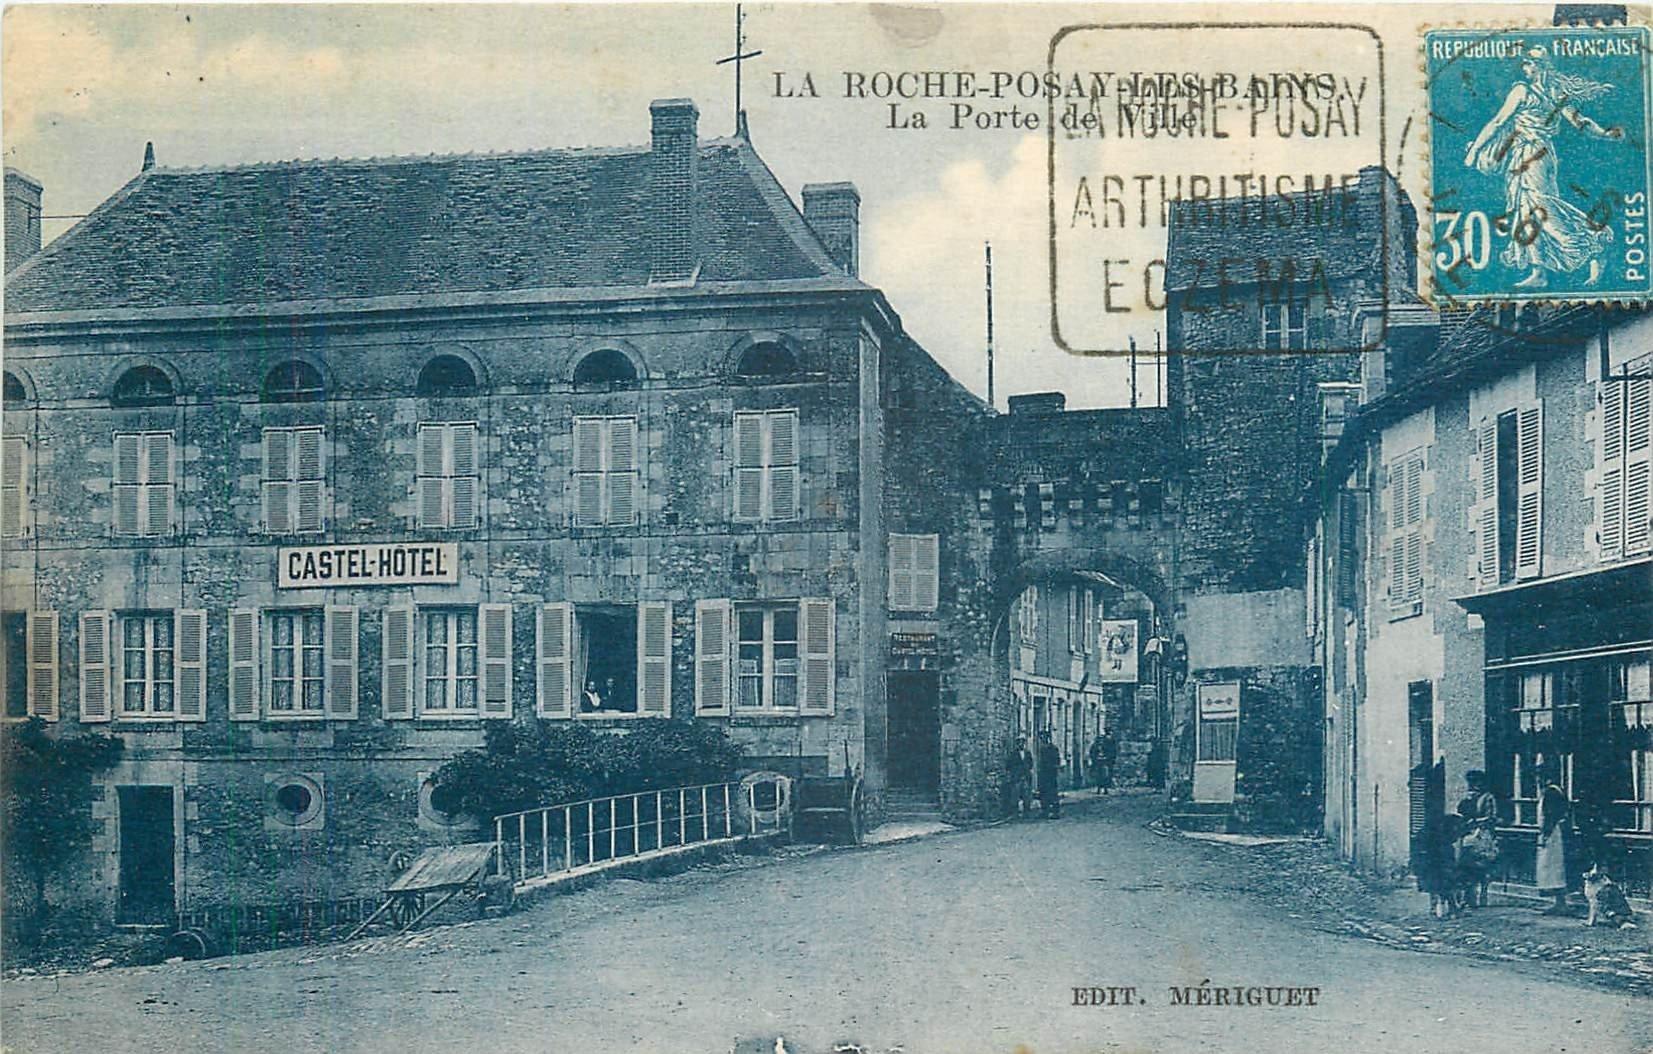 86 LA ROCHE-POSAY-LES-BAINS. Castel Hôtel Restaurant à la Porte de Ville 1928